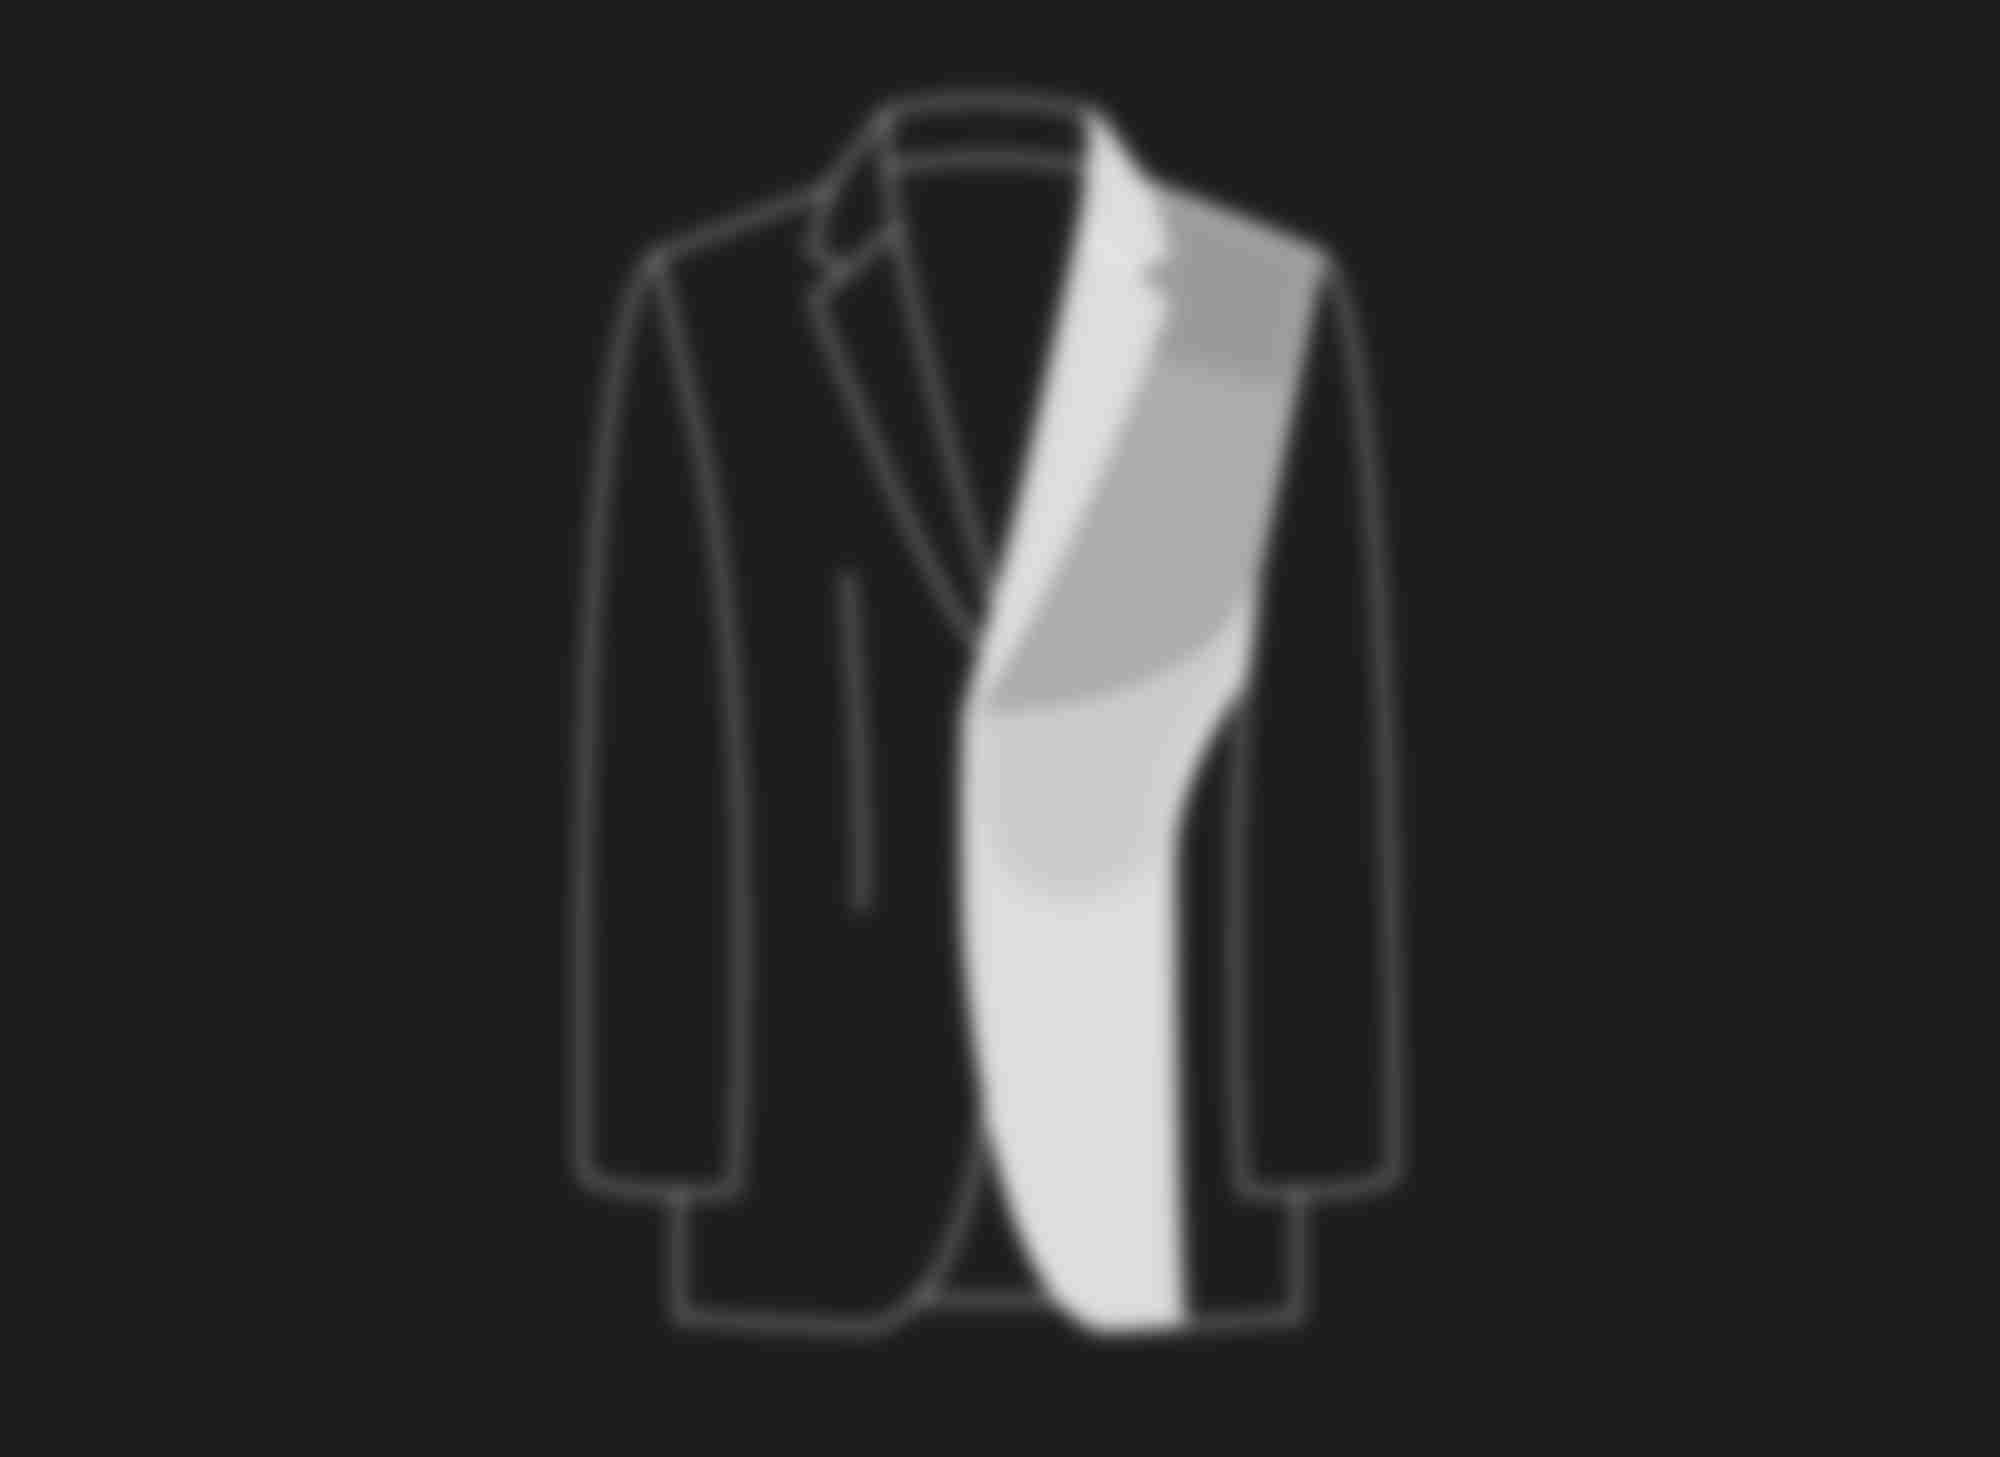 Schéma au trait illustrant la construction traditionnel tout-entoilé des costumes et vestes sur-mesure Atelier Mesure